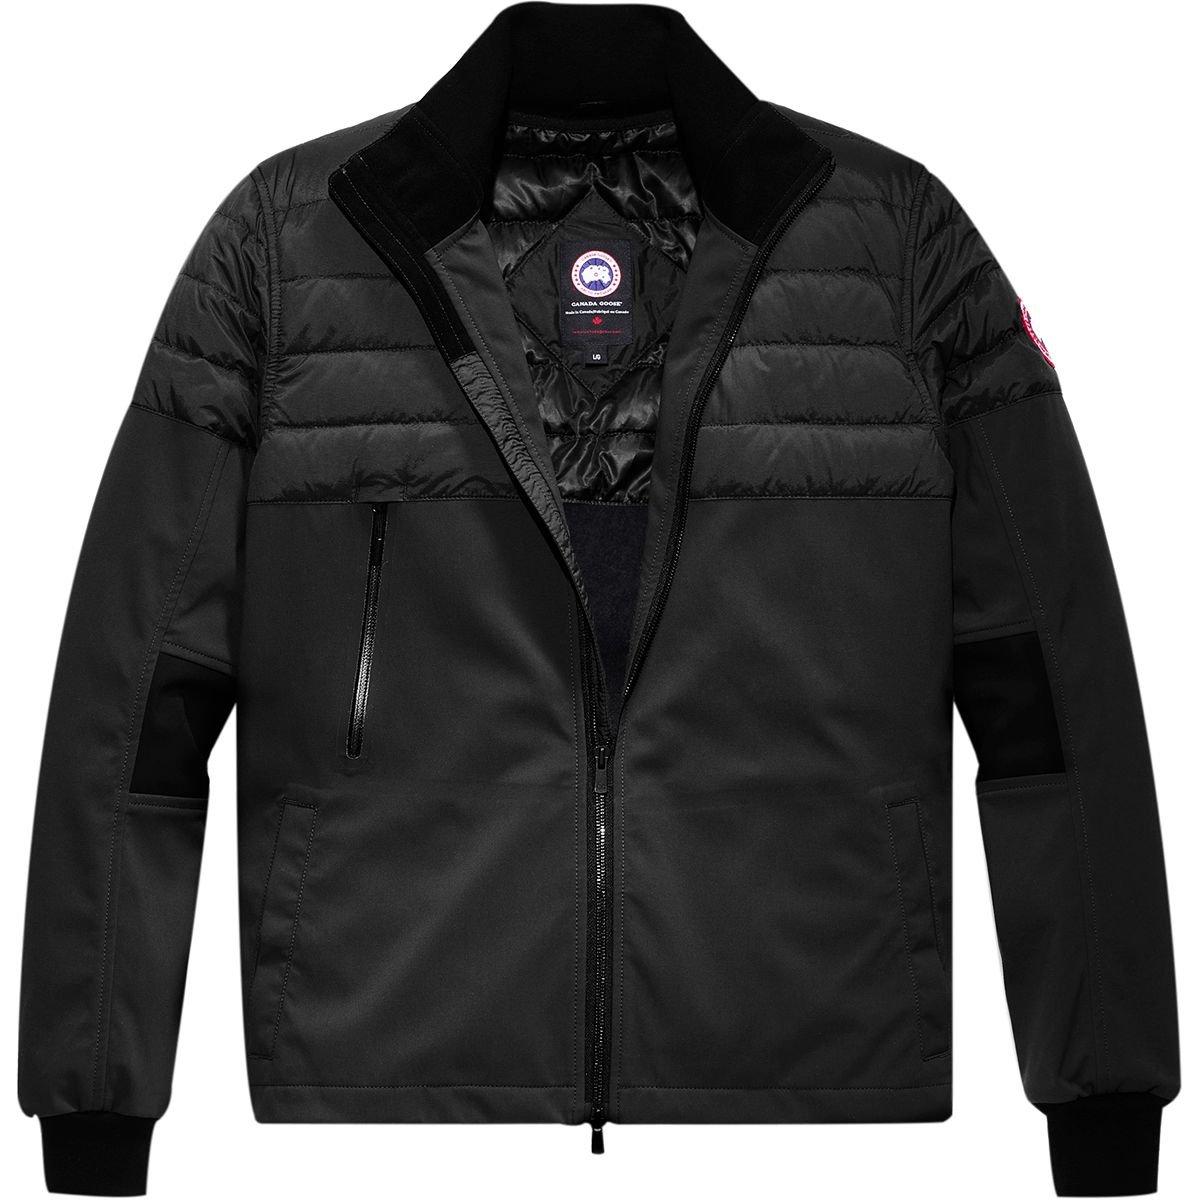 (カナダグース)Canada Goose Jericho Beach Jacket メンズ ジャケットBlack/Black [並行輸入品] B079ZTTZV3  Black/Black 日本サイズ LL (US L)